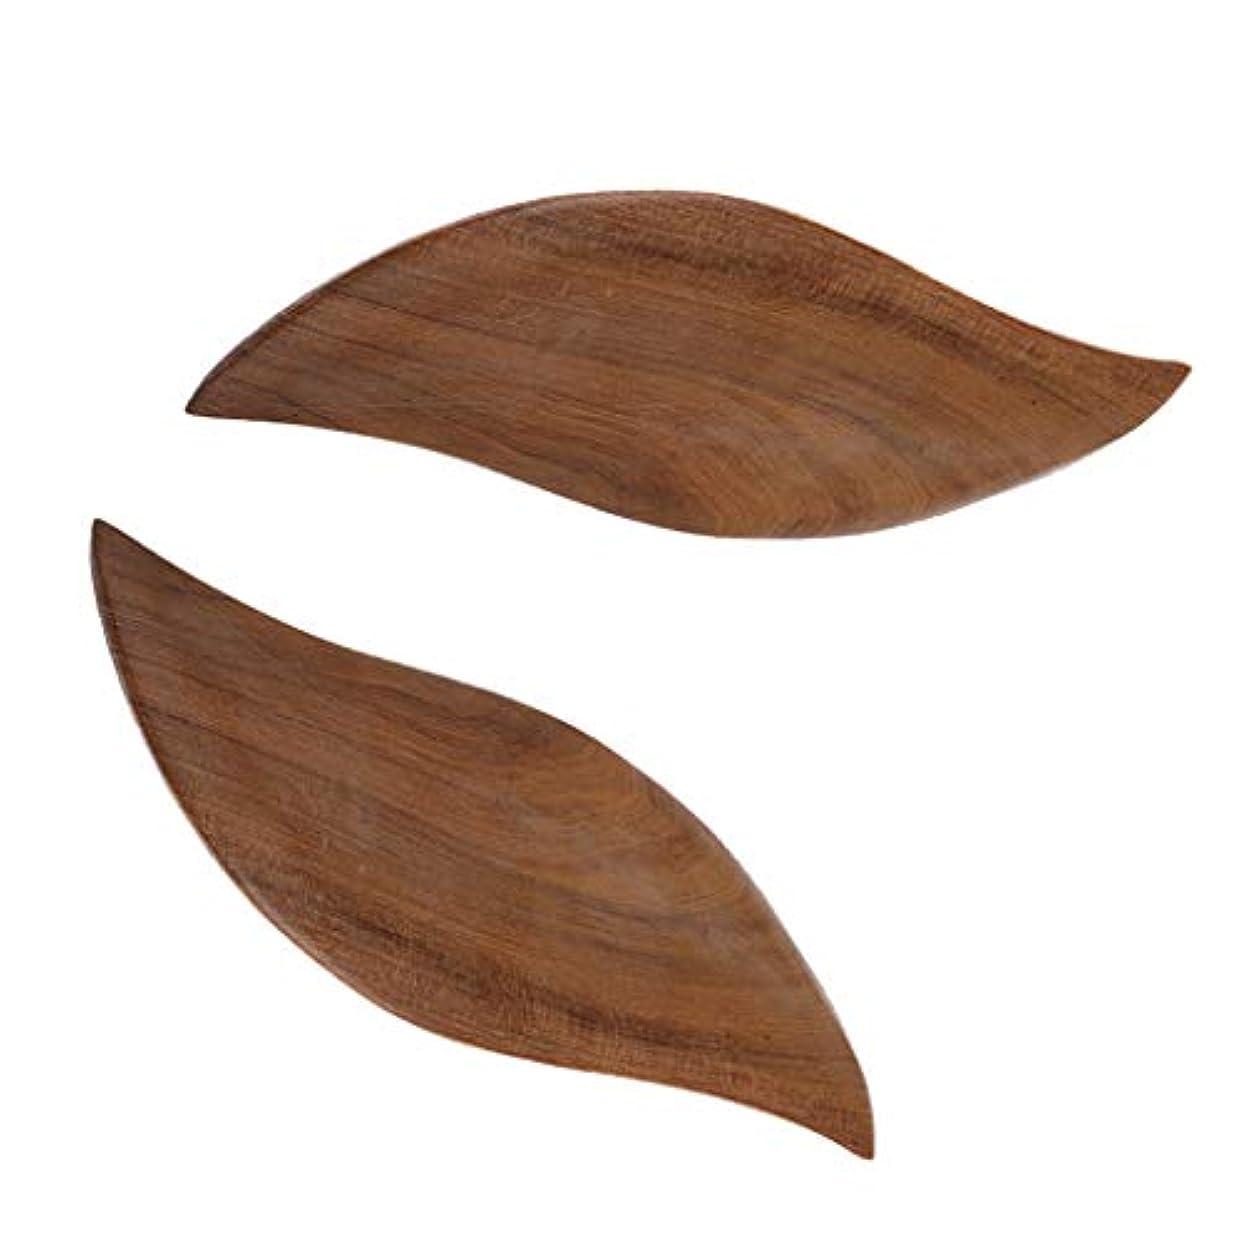 アプト飢饉二FLAMEER 2枚 かっさプレート 木製 ボード ボディーケア マッサージ マッサージャー